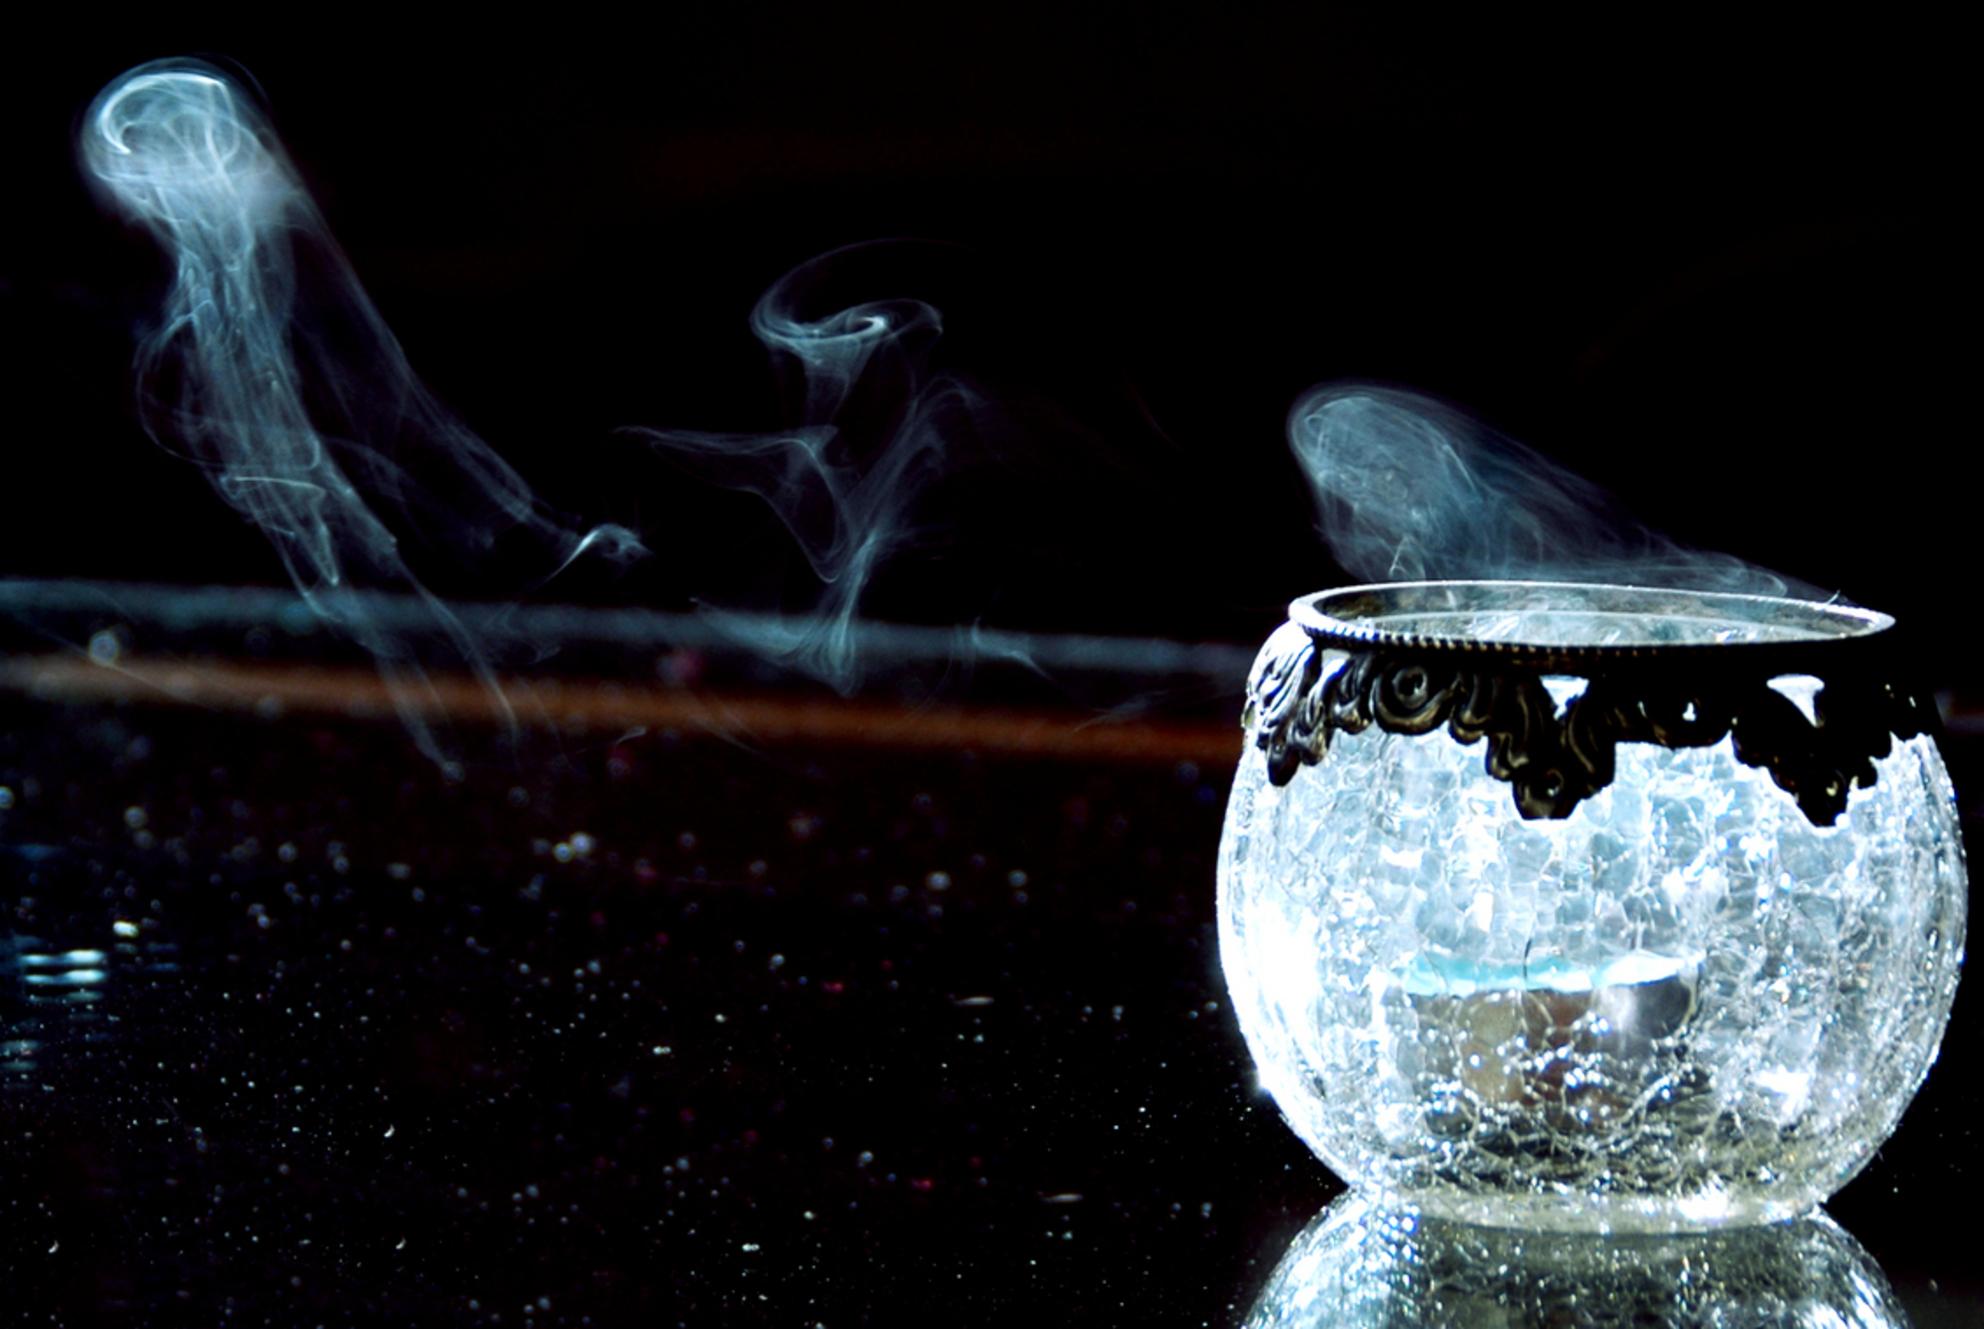 Rook - Beetje geexperimenteerd met licht-donker. Jammer dat de tafel wat stoffig is... - foto door Lailaat op 11-11-2007 - deze foto bevat: rook, biemie, nerds - Deze foto mag gebruikt worden in een Zoom.nl publicatie